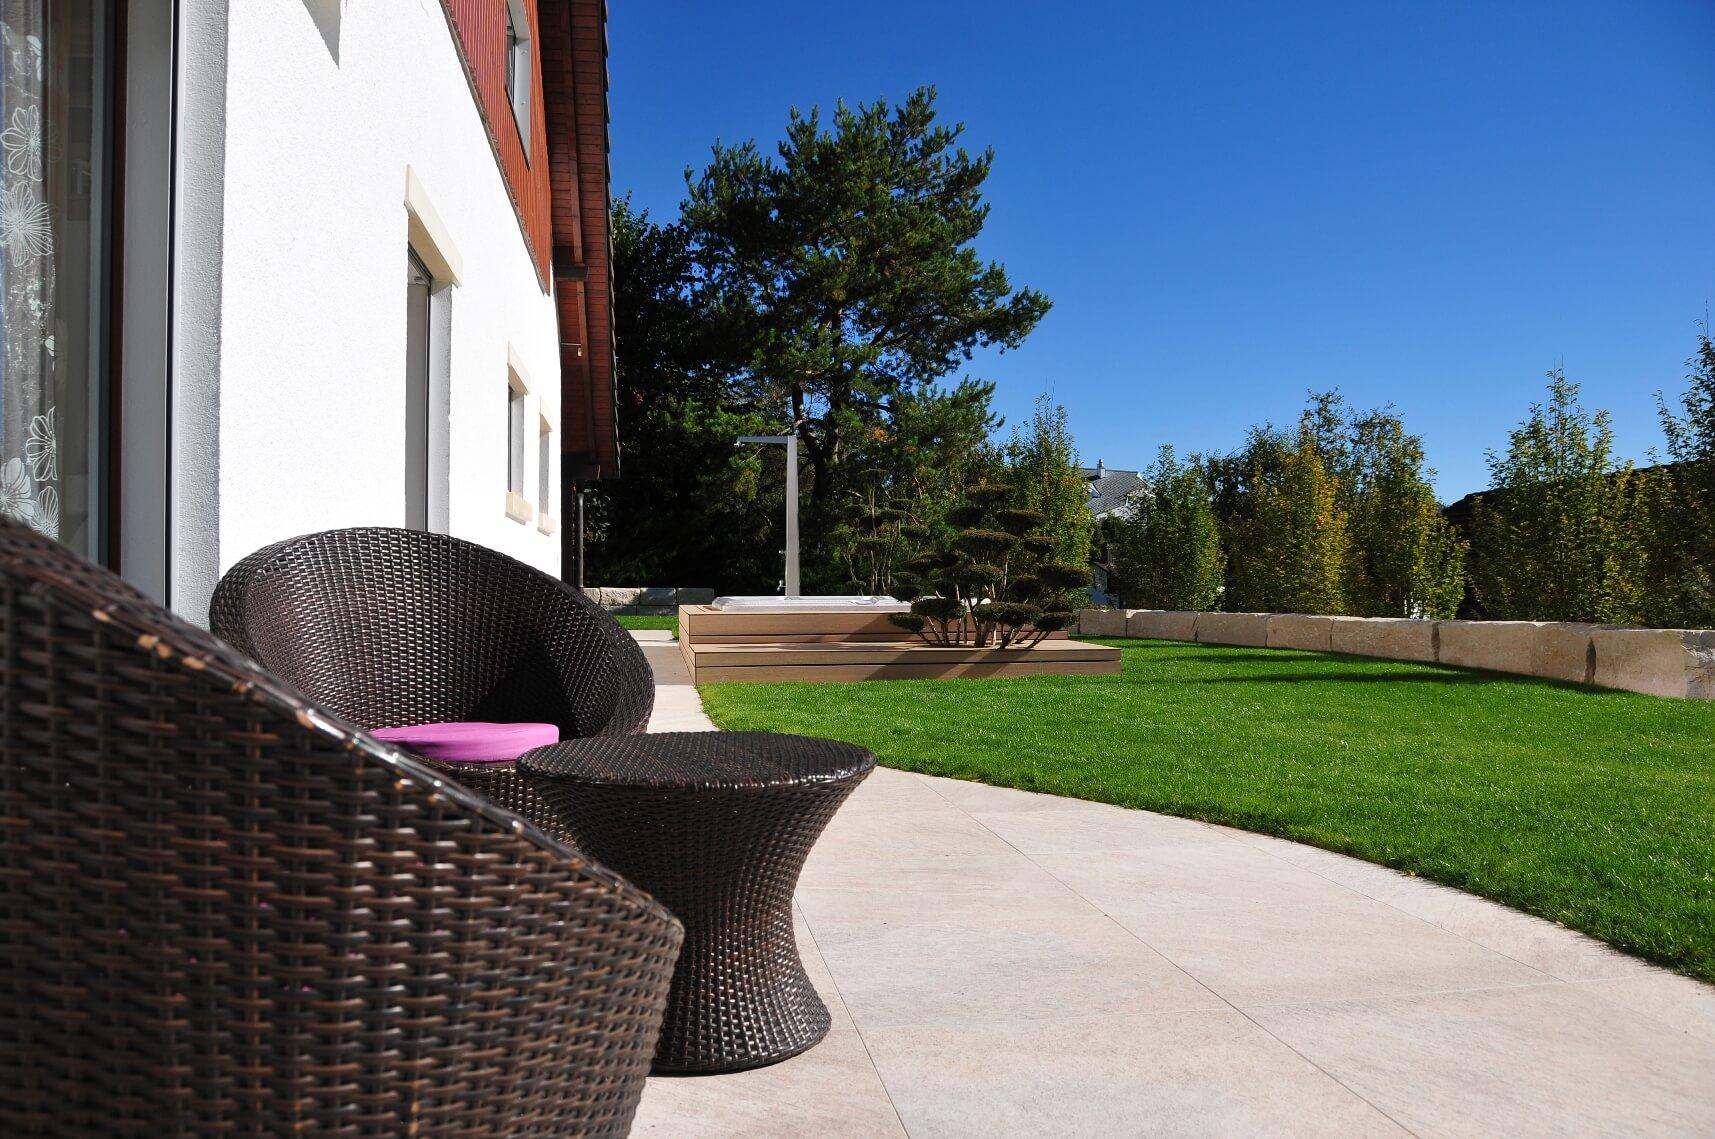 aellig paysages alentours maison familiale terrasse jacuzzi balançoires jardin talus malleray (13)